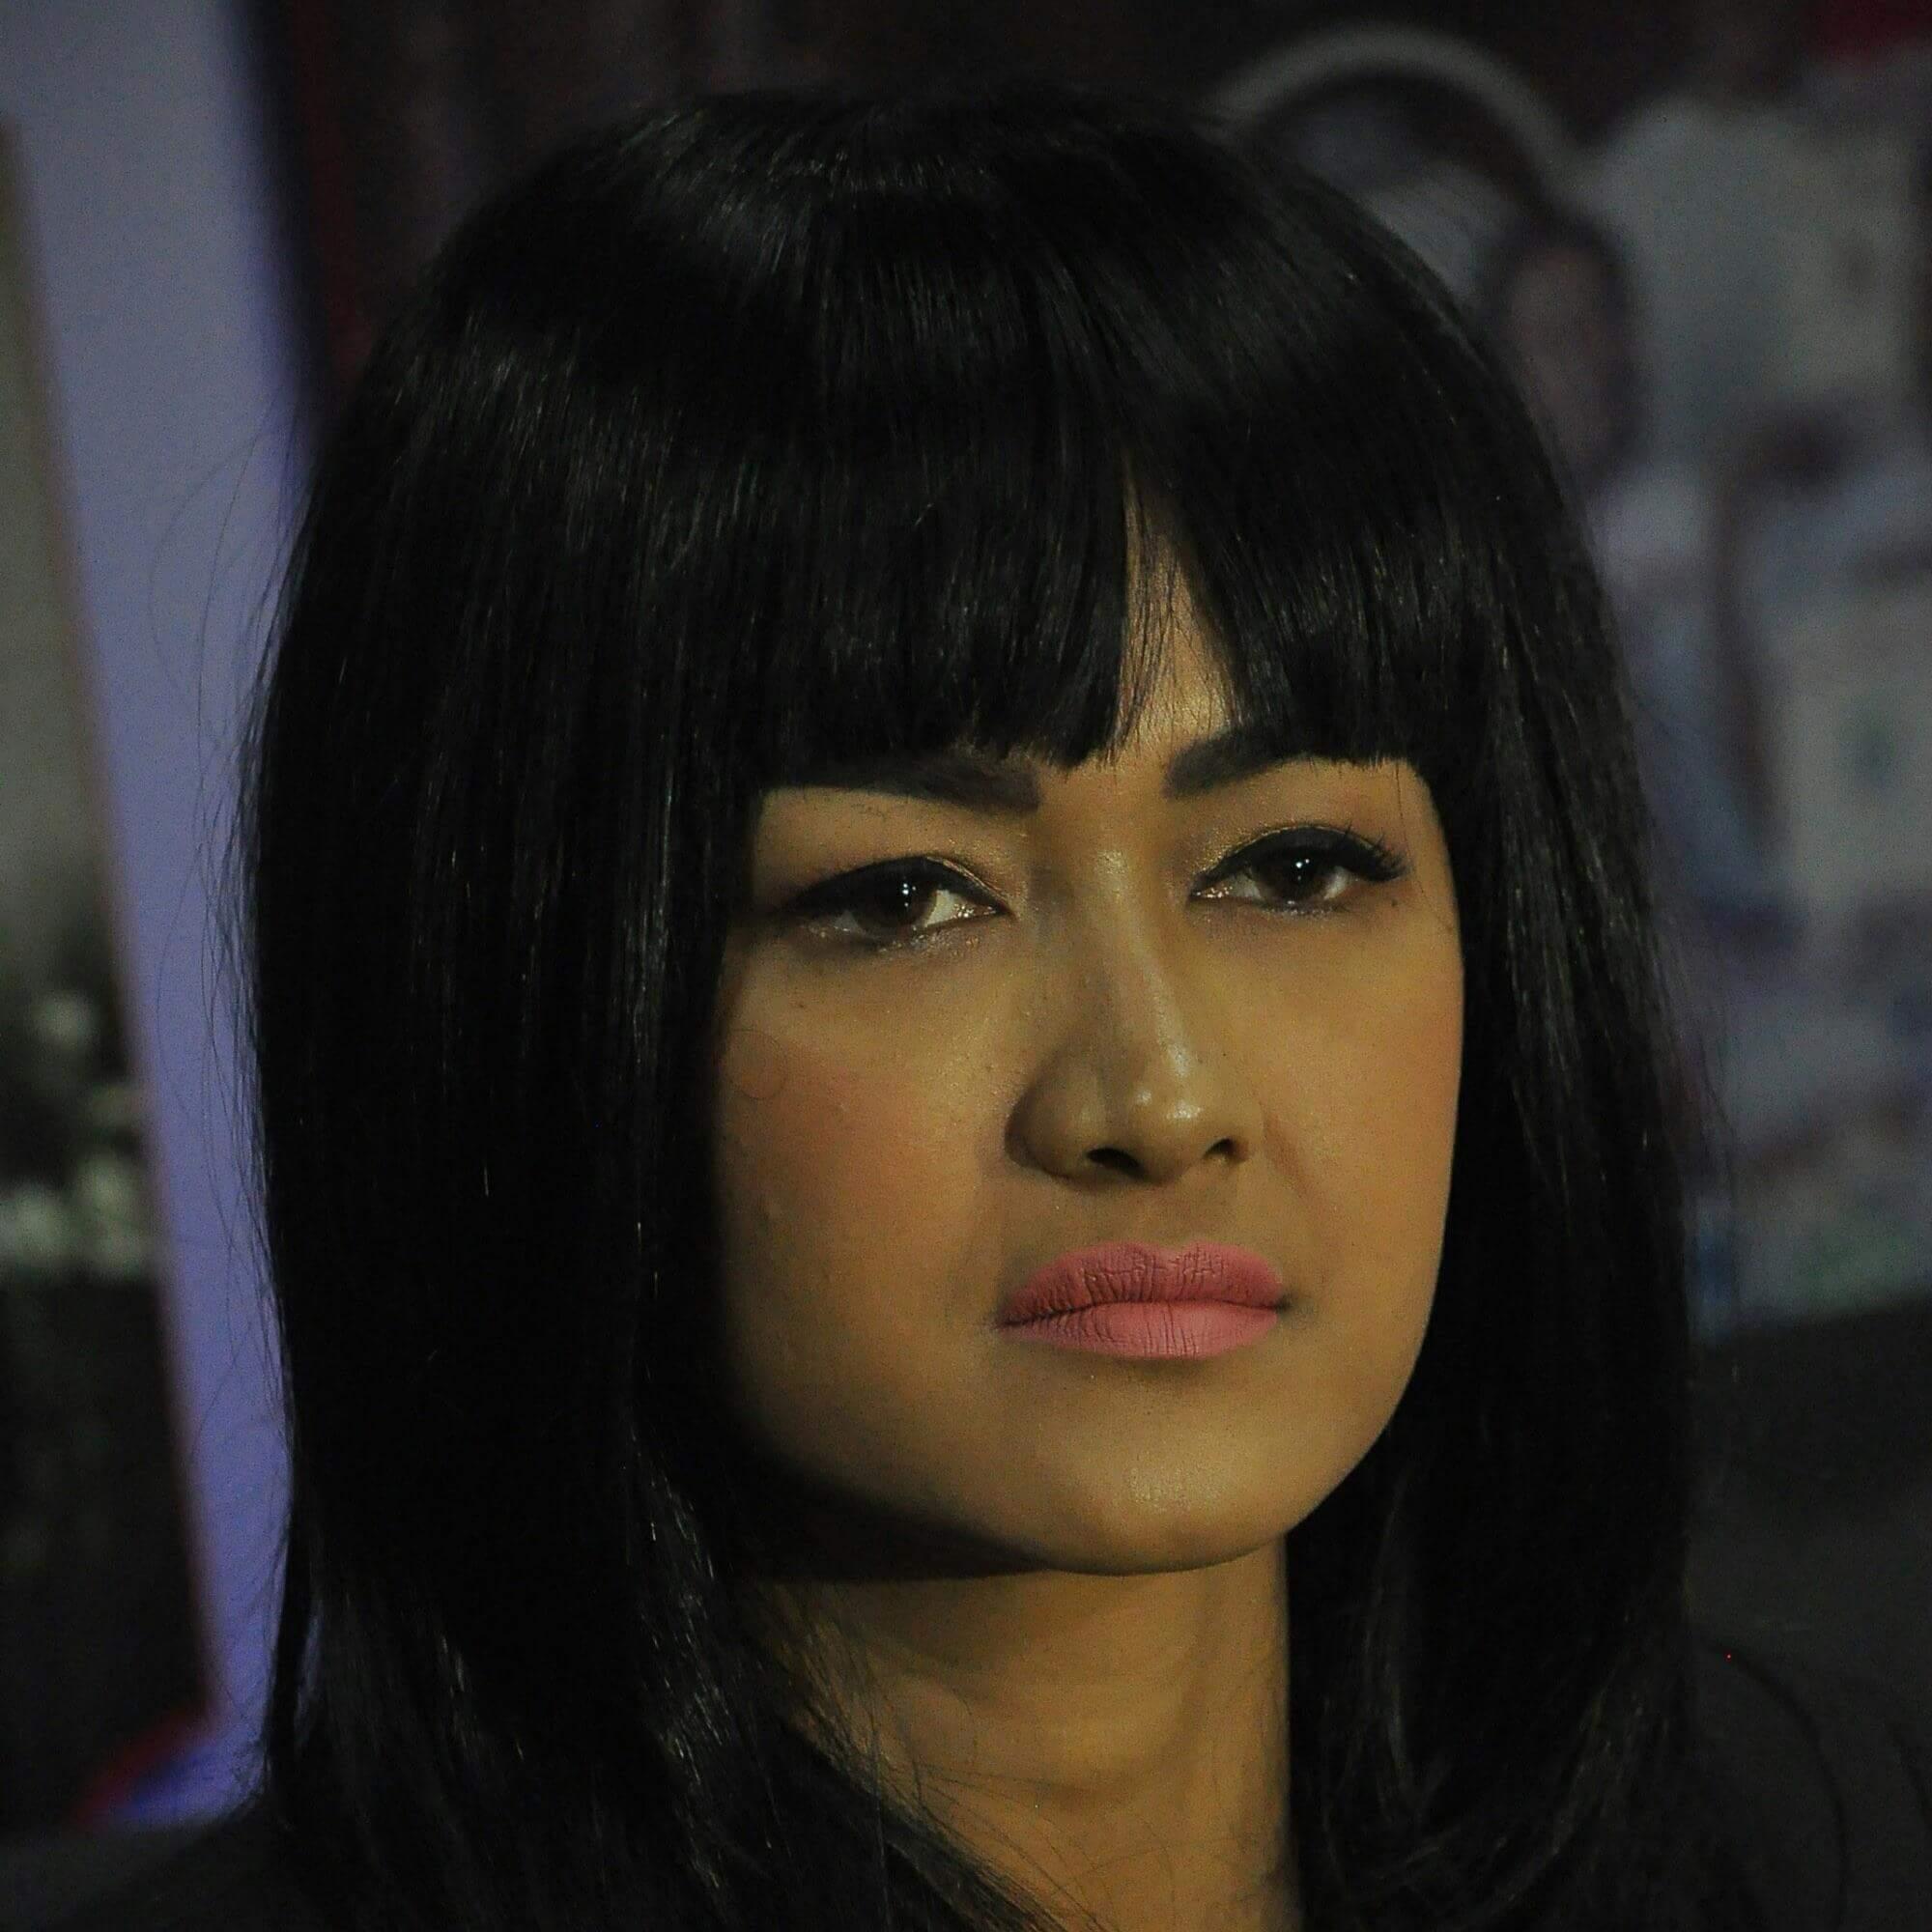 Yuli Rachmawati